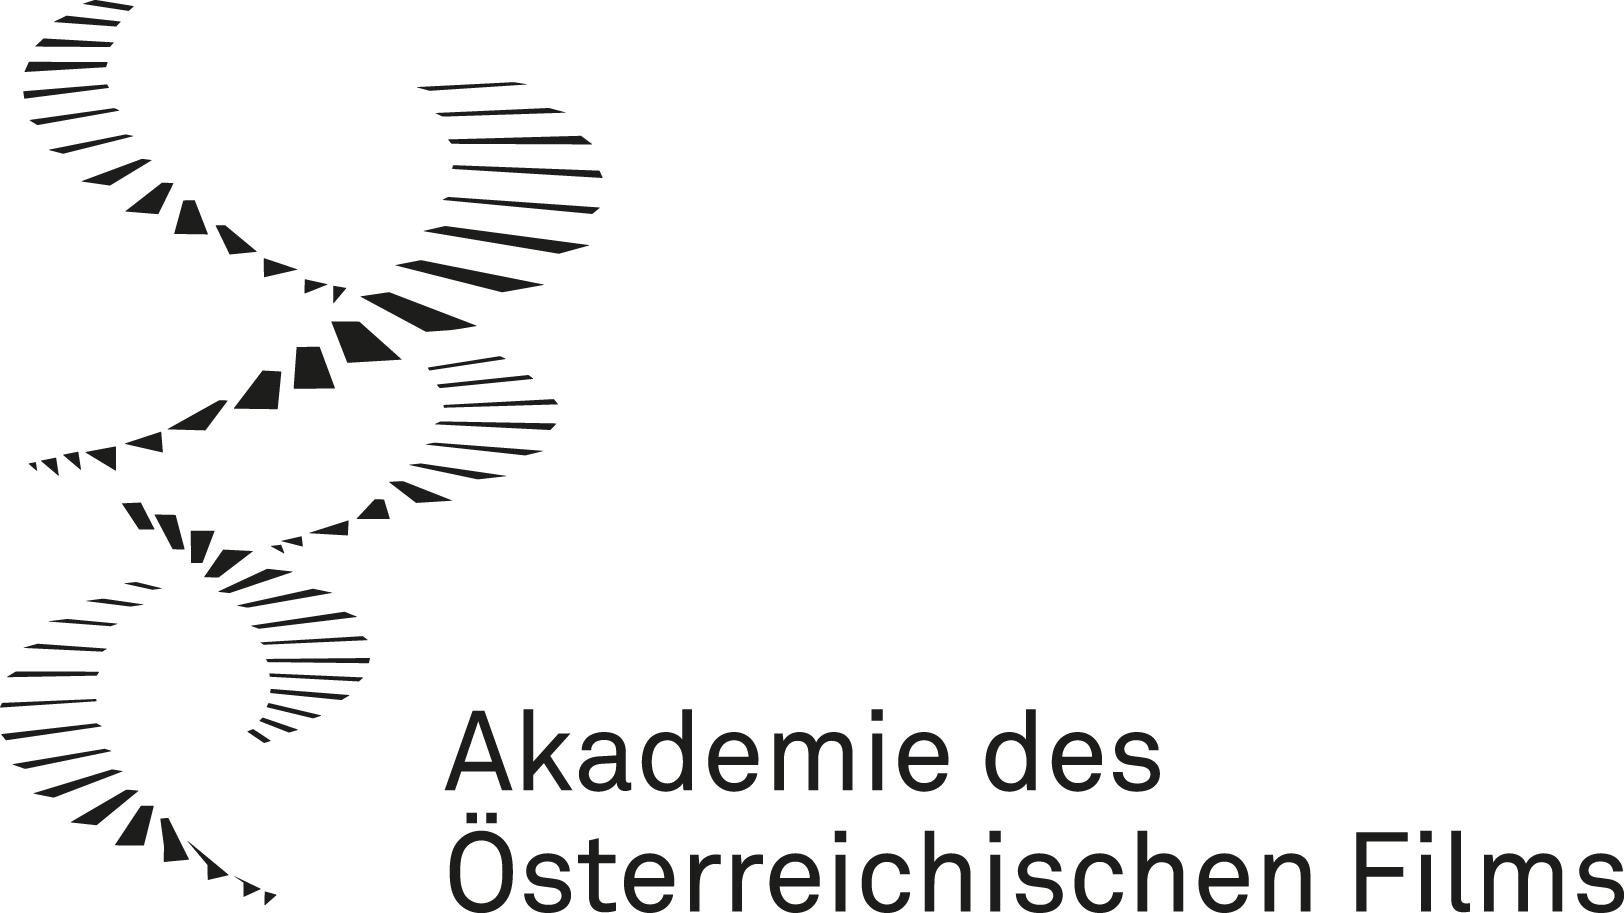 Logo Akademie des Österreichischen Films